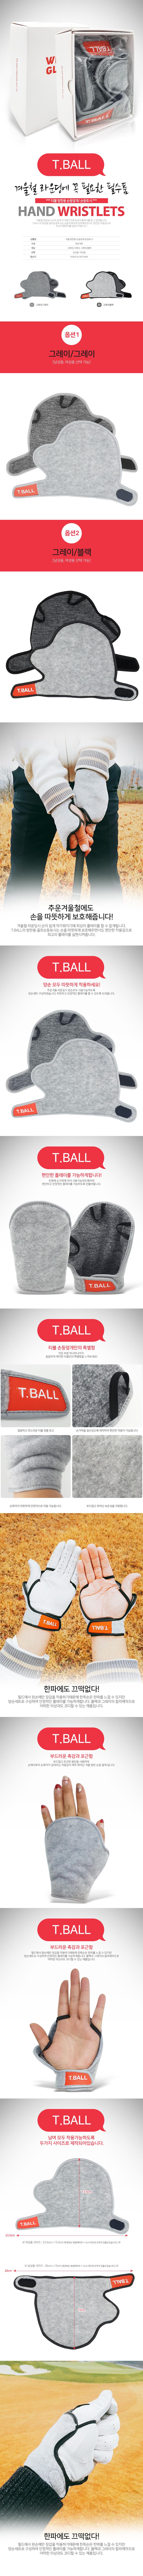 tball_glove.jpg